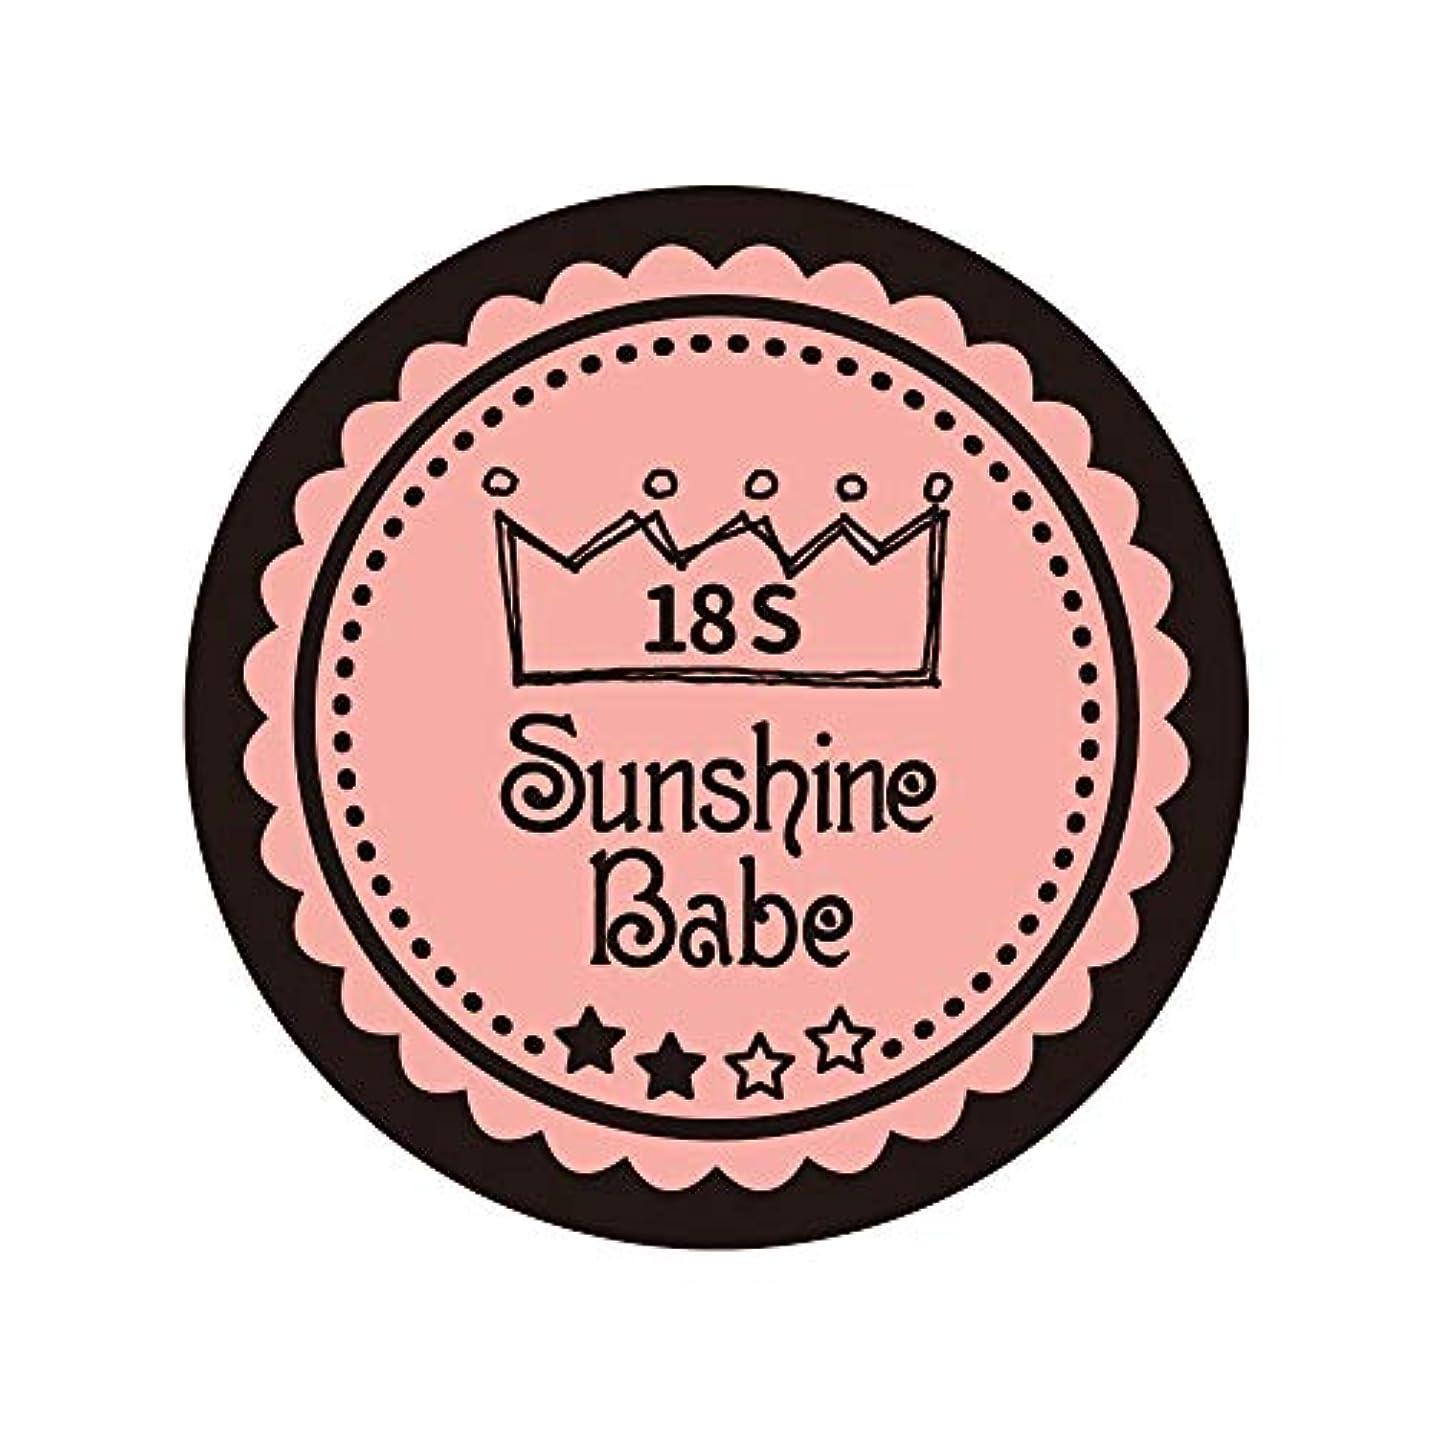 規模することになっている攻撃的Sunshine Babe コスメティックカラー 18S ロマンティックベリー 4g UV/LED対応